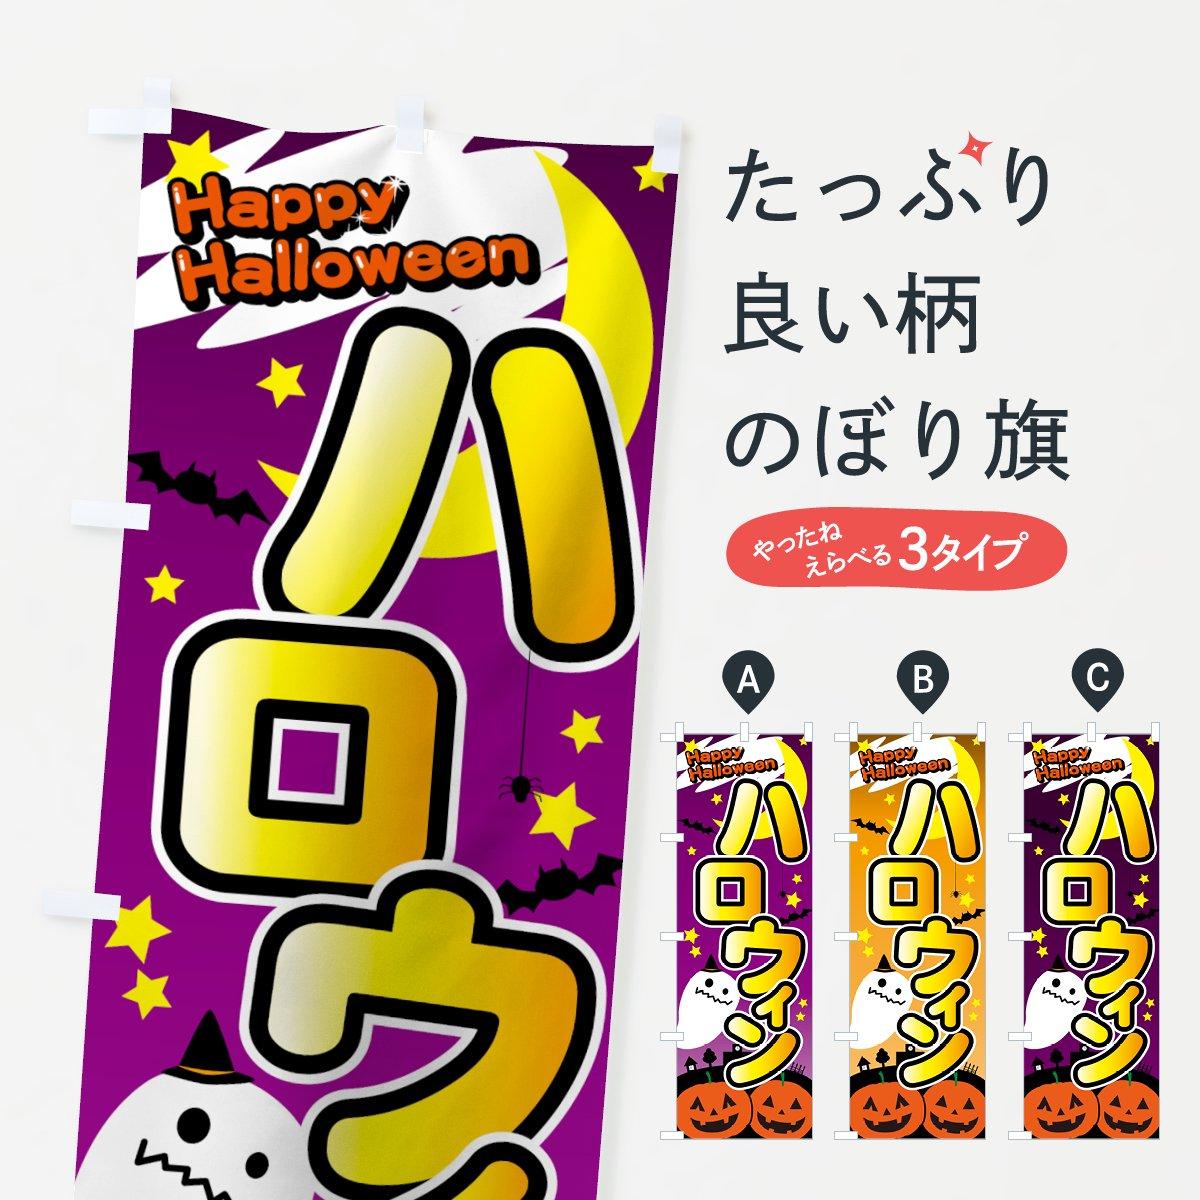 ハロウィンのぼり旗【happy Halloween】[秋の行事]